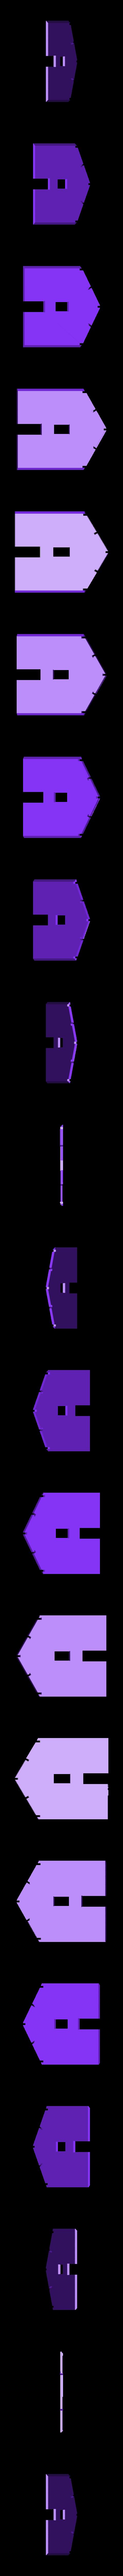 Facade_cotéA.STL Download STL file Station 3 Doors PLM Coursan • 3D print model, dede34500